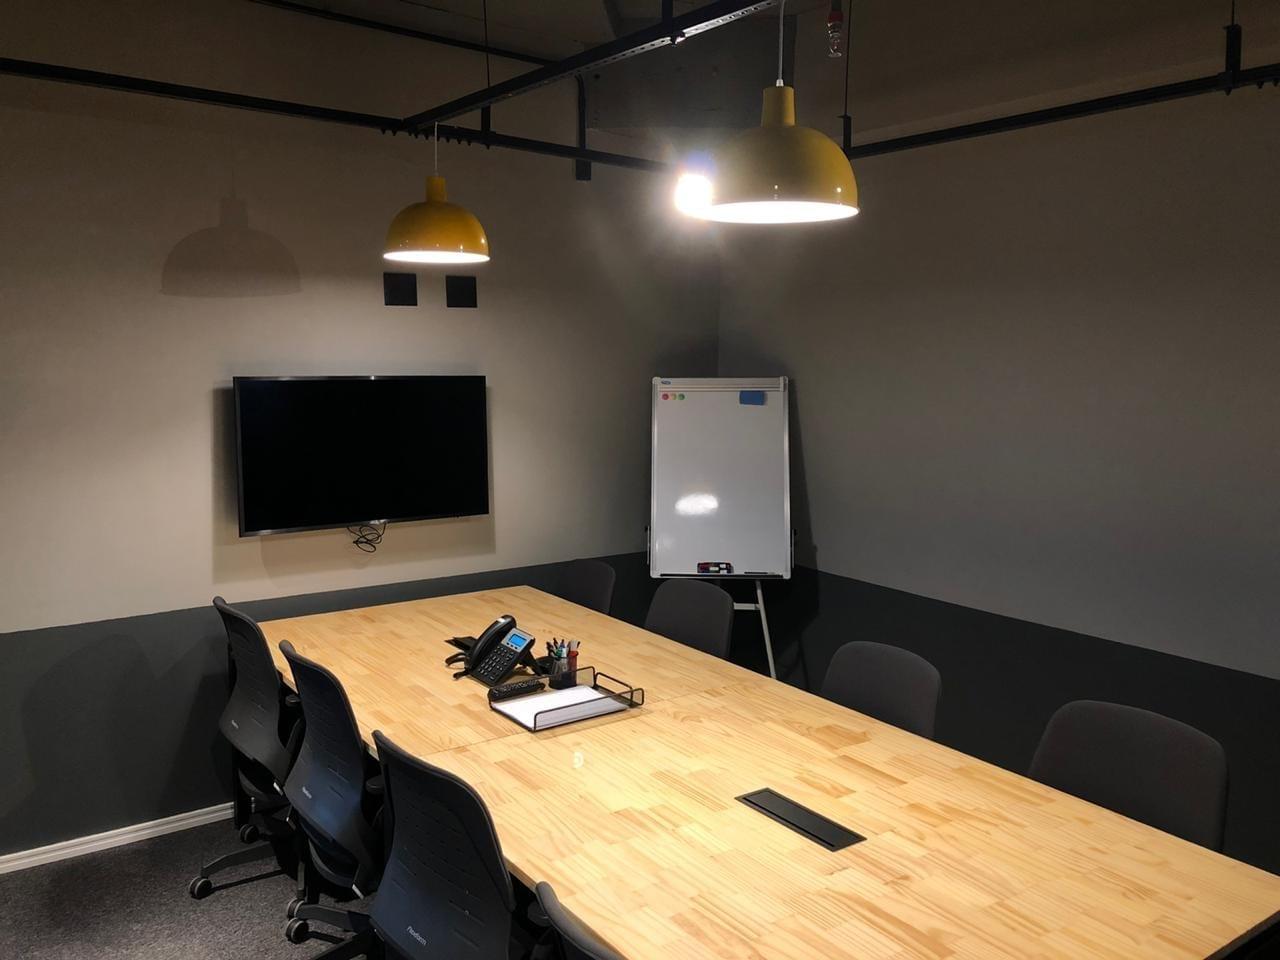 Sala de reunião em Campinas 9 pessoas